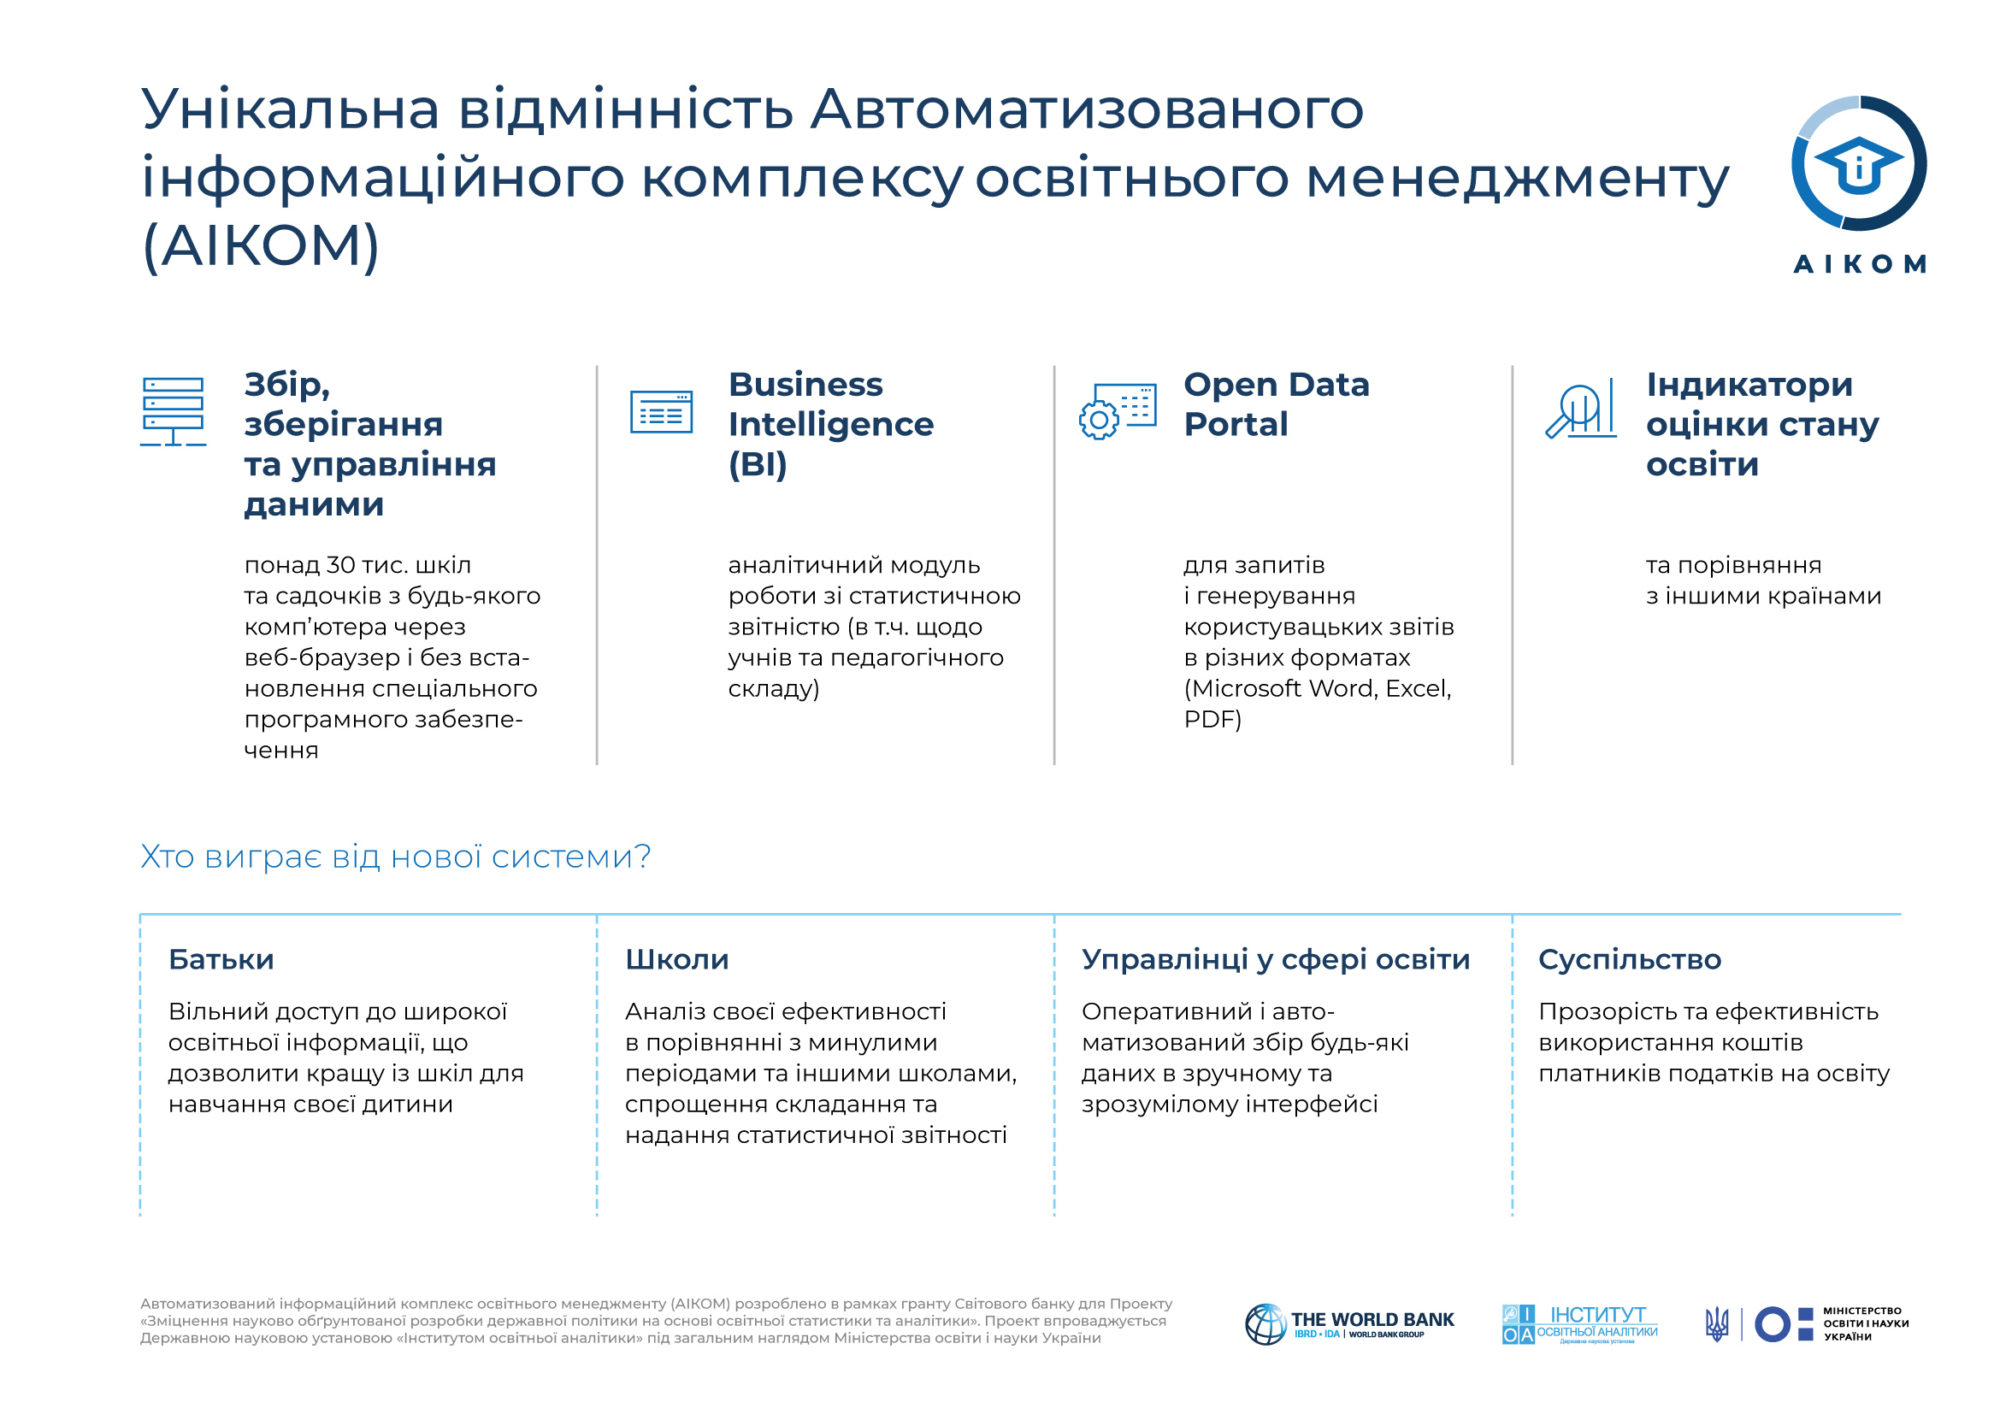 Освітні інформаційні технології  як інструмент підвищення конкурентоспроможності української школи -  - Infografika 3 2000x1414